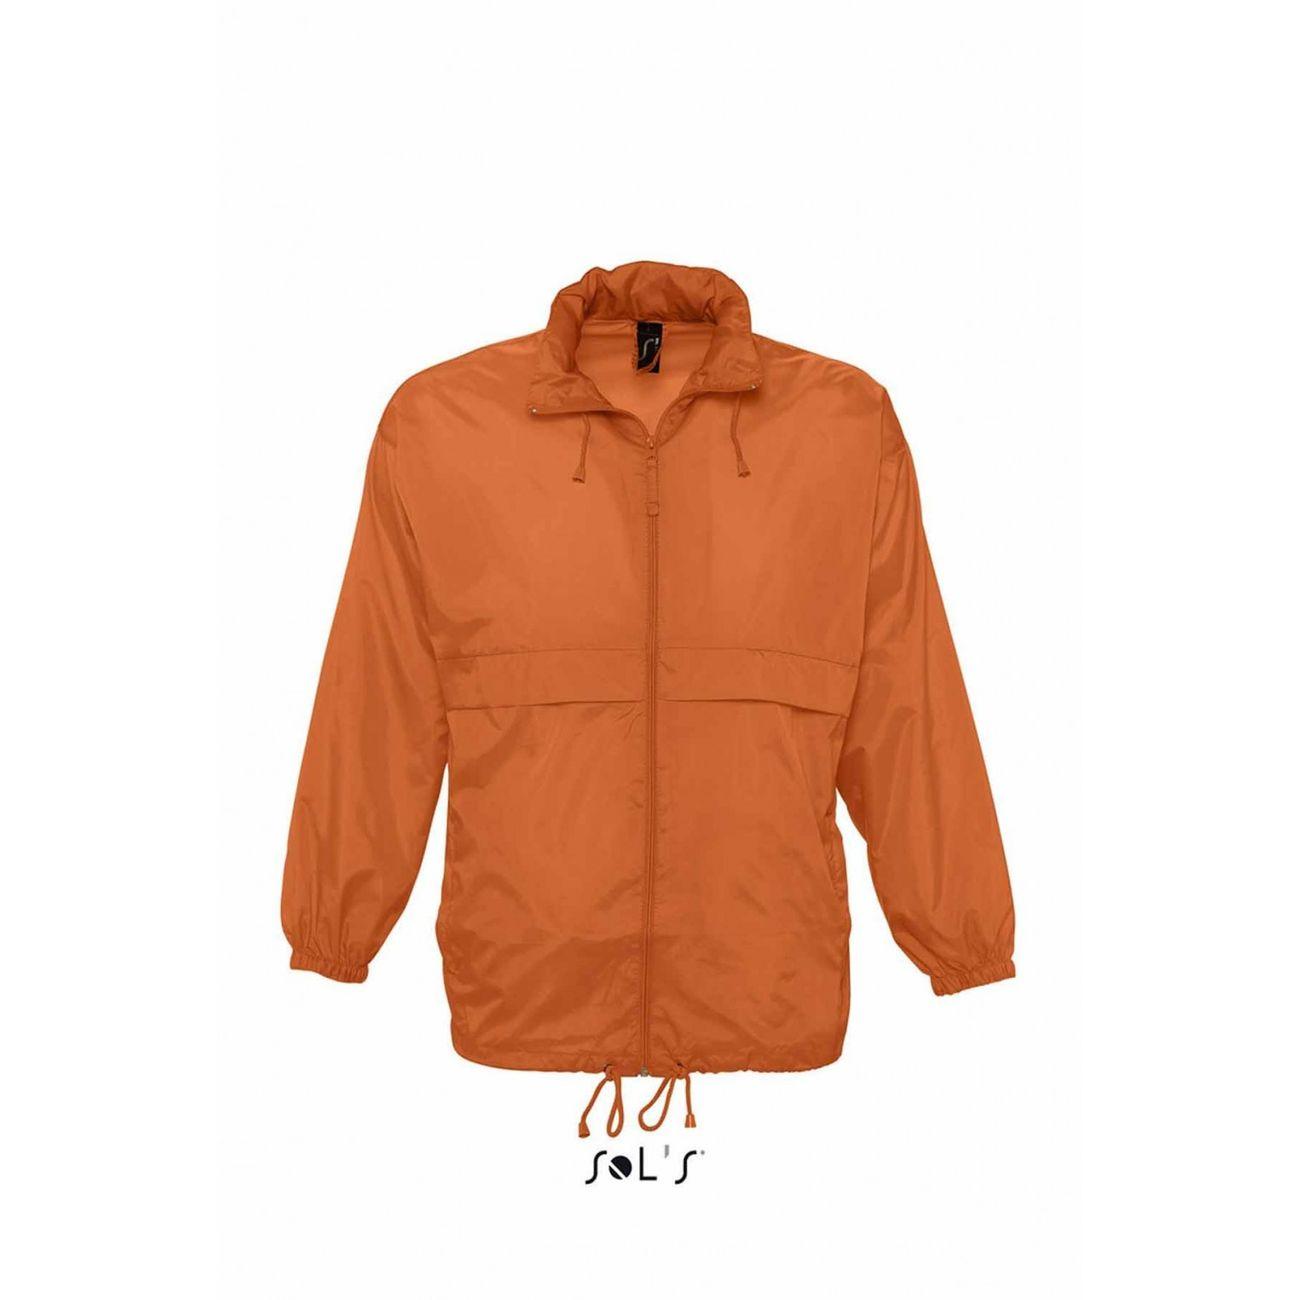 Petite randonnée femme SOL S Veste coupe-vent imperméable - 32000 - orange - mixte homme ou femme